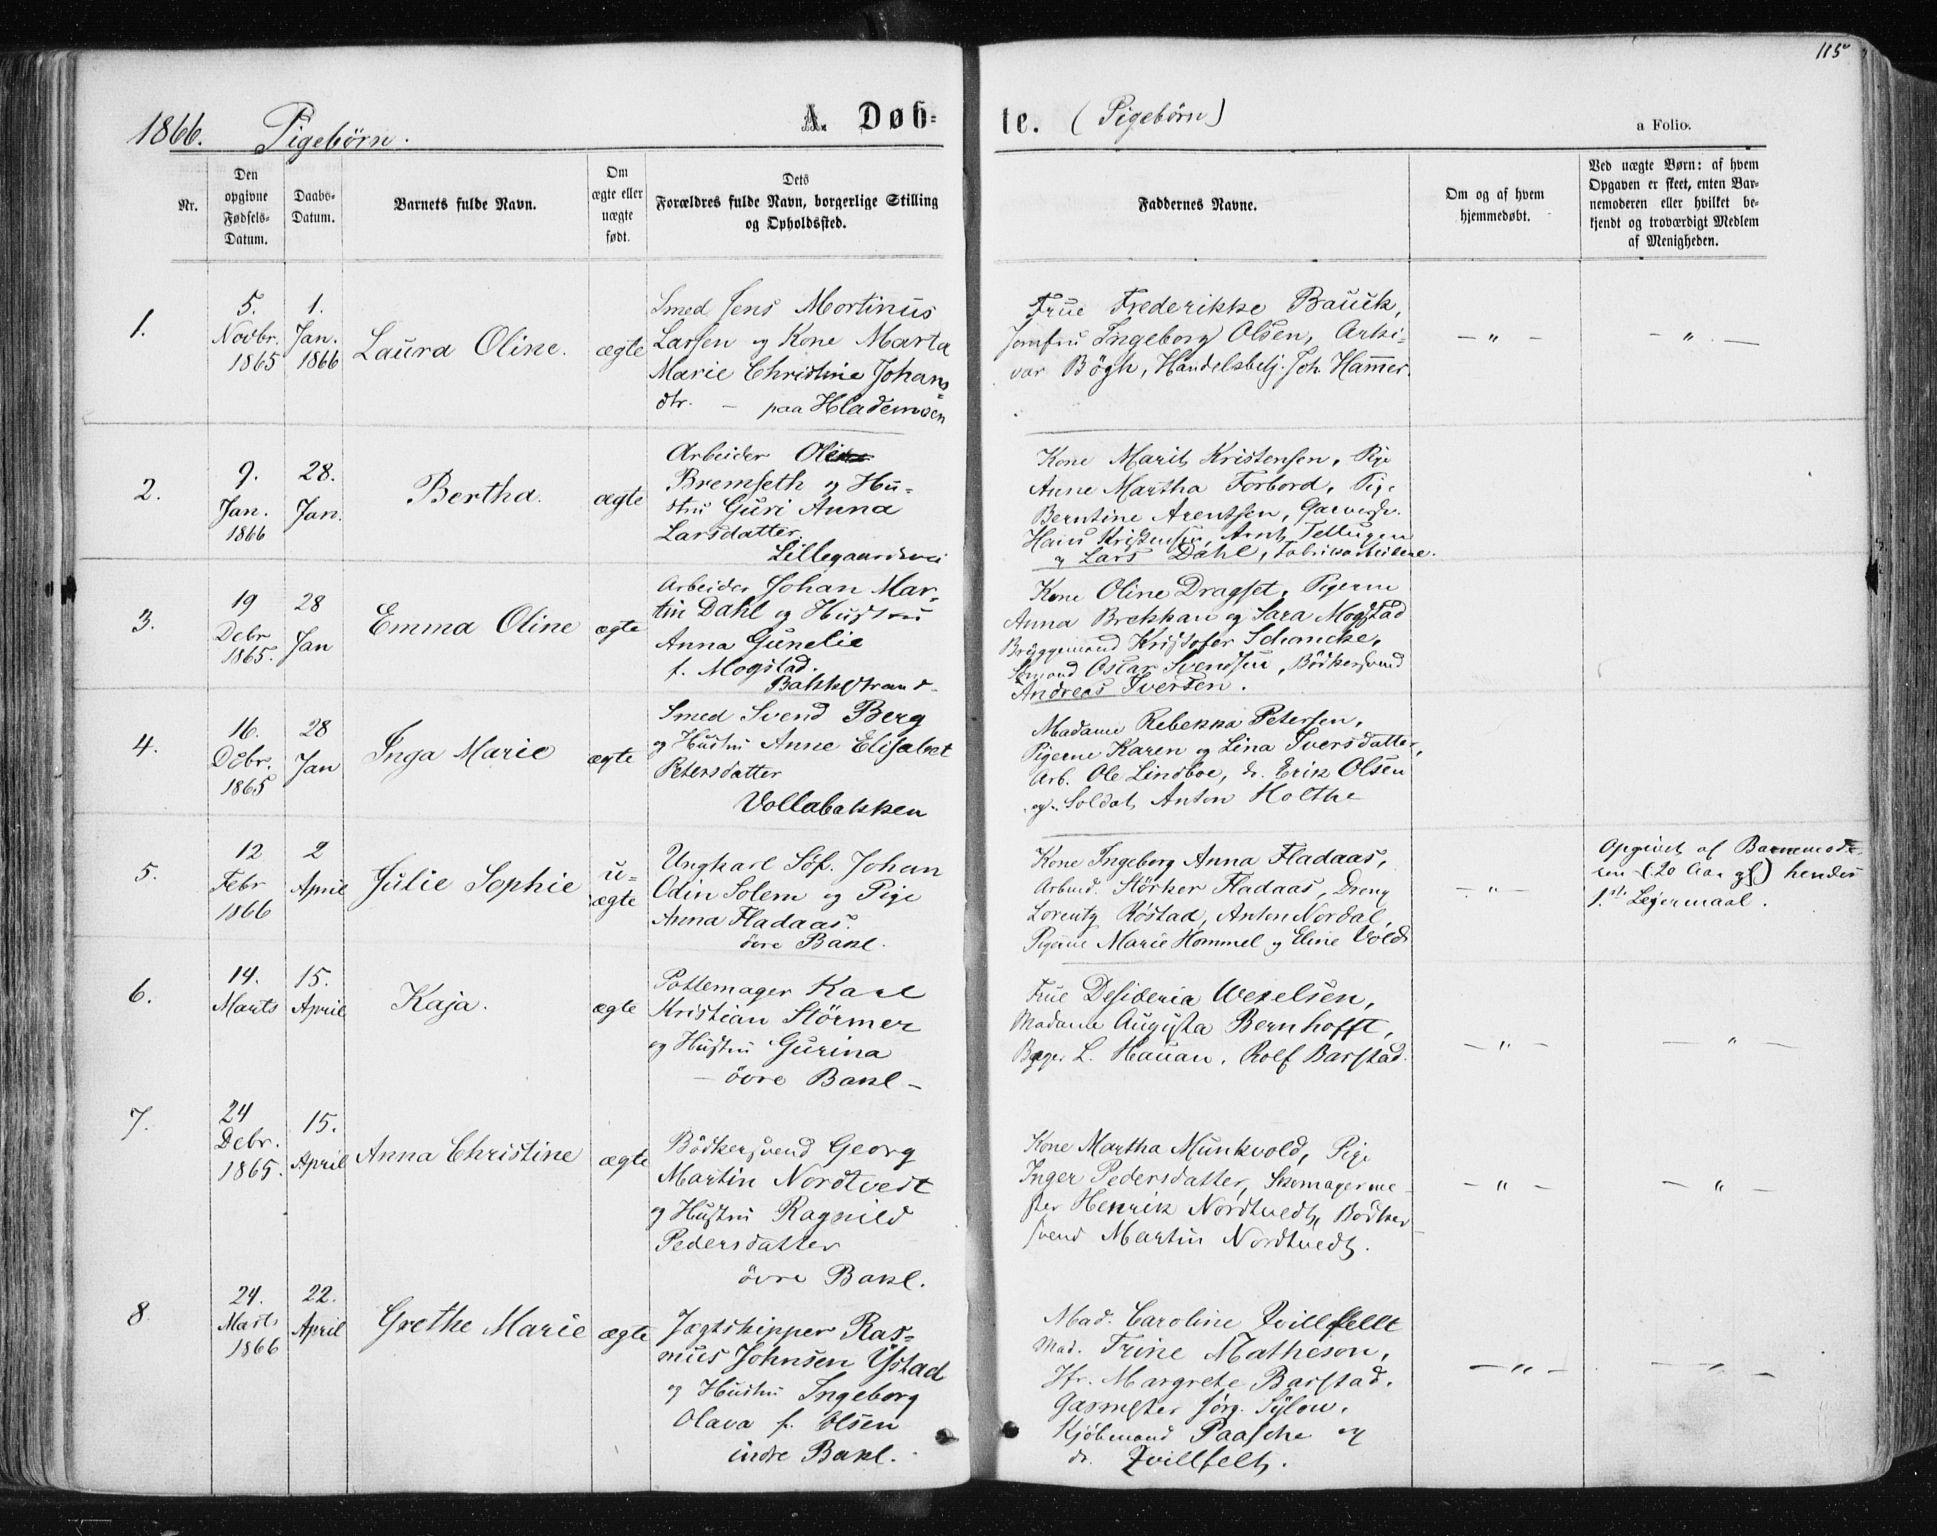 SAT, Ministerialprotokoller, klokkerbøker og fødselsregistre - Sør-Trøndelag, 604/L0186: Ministerialbok nr. 604A07, 1866-1877, s. 115